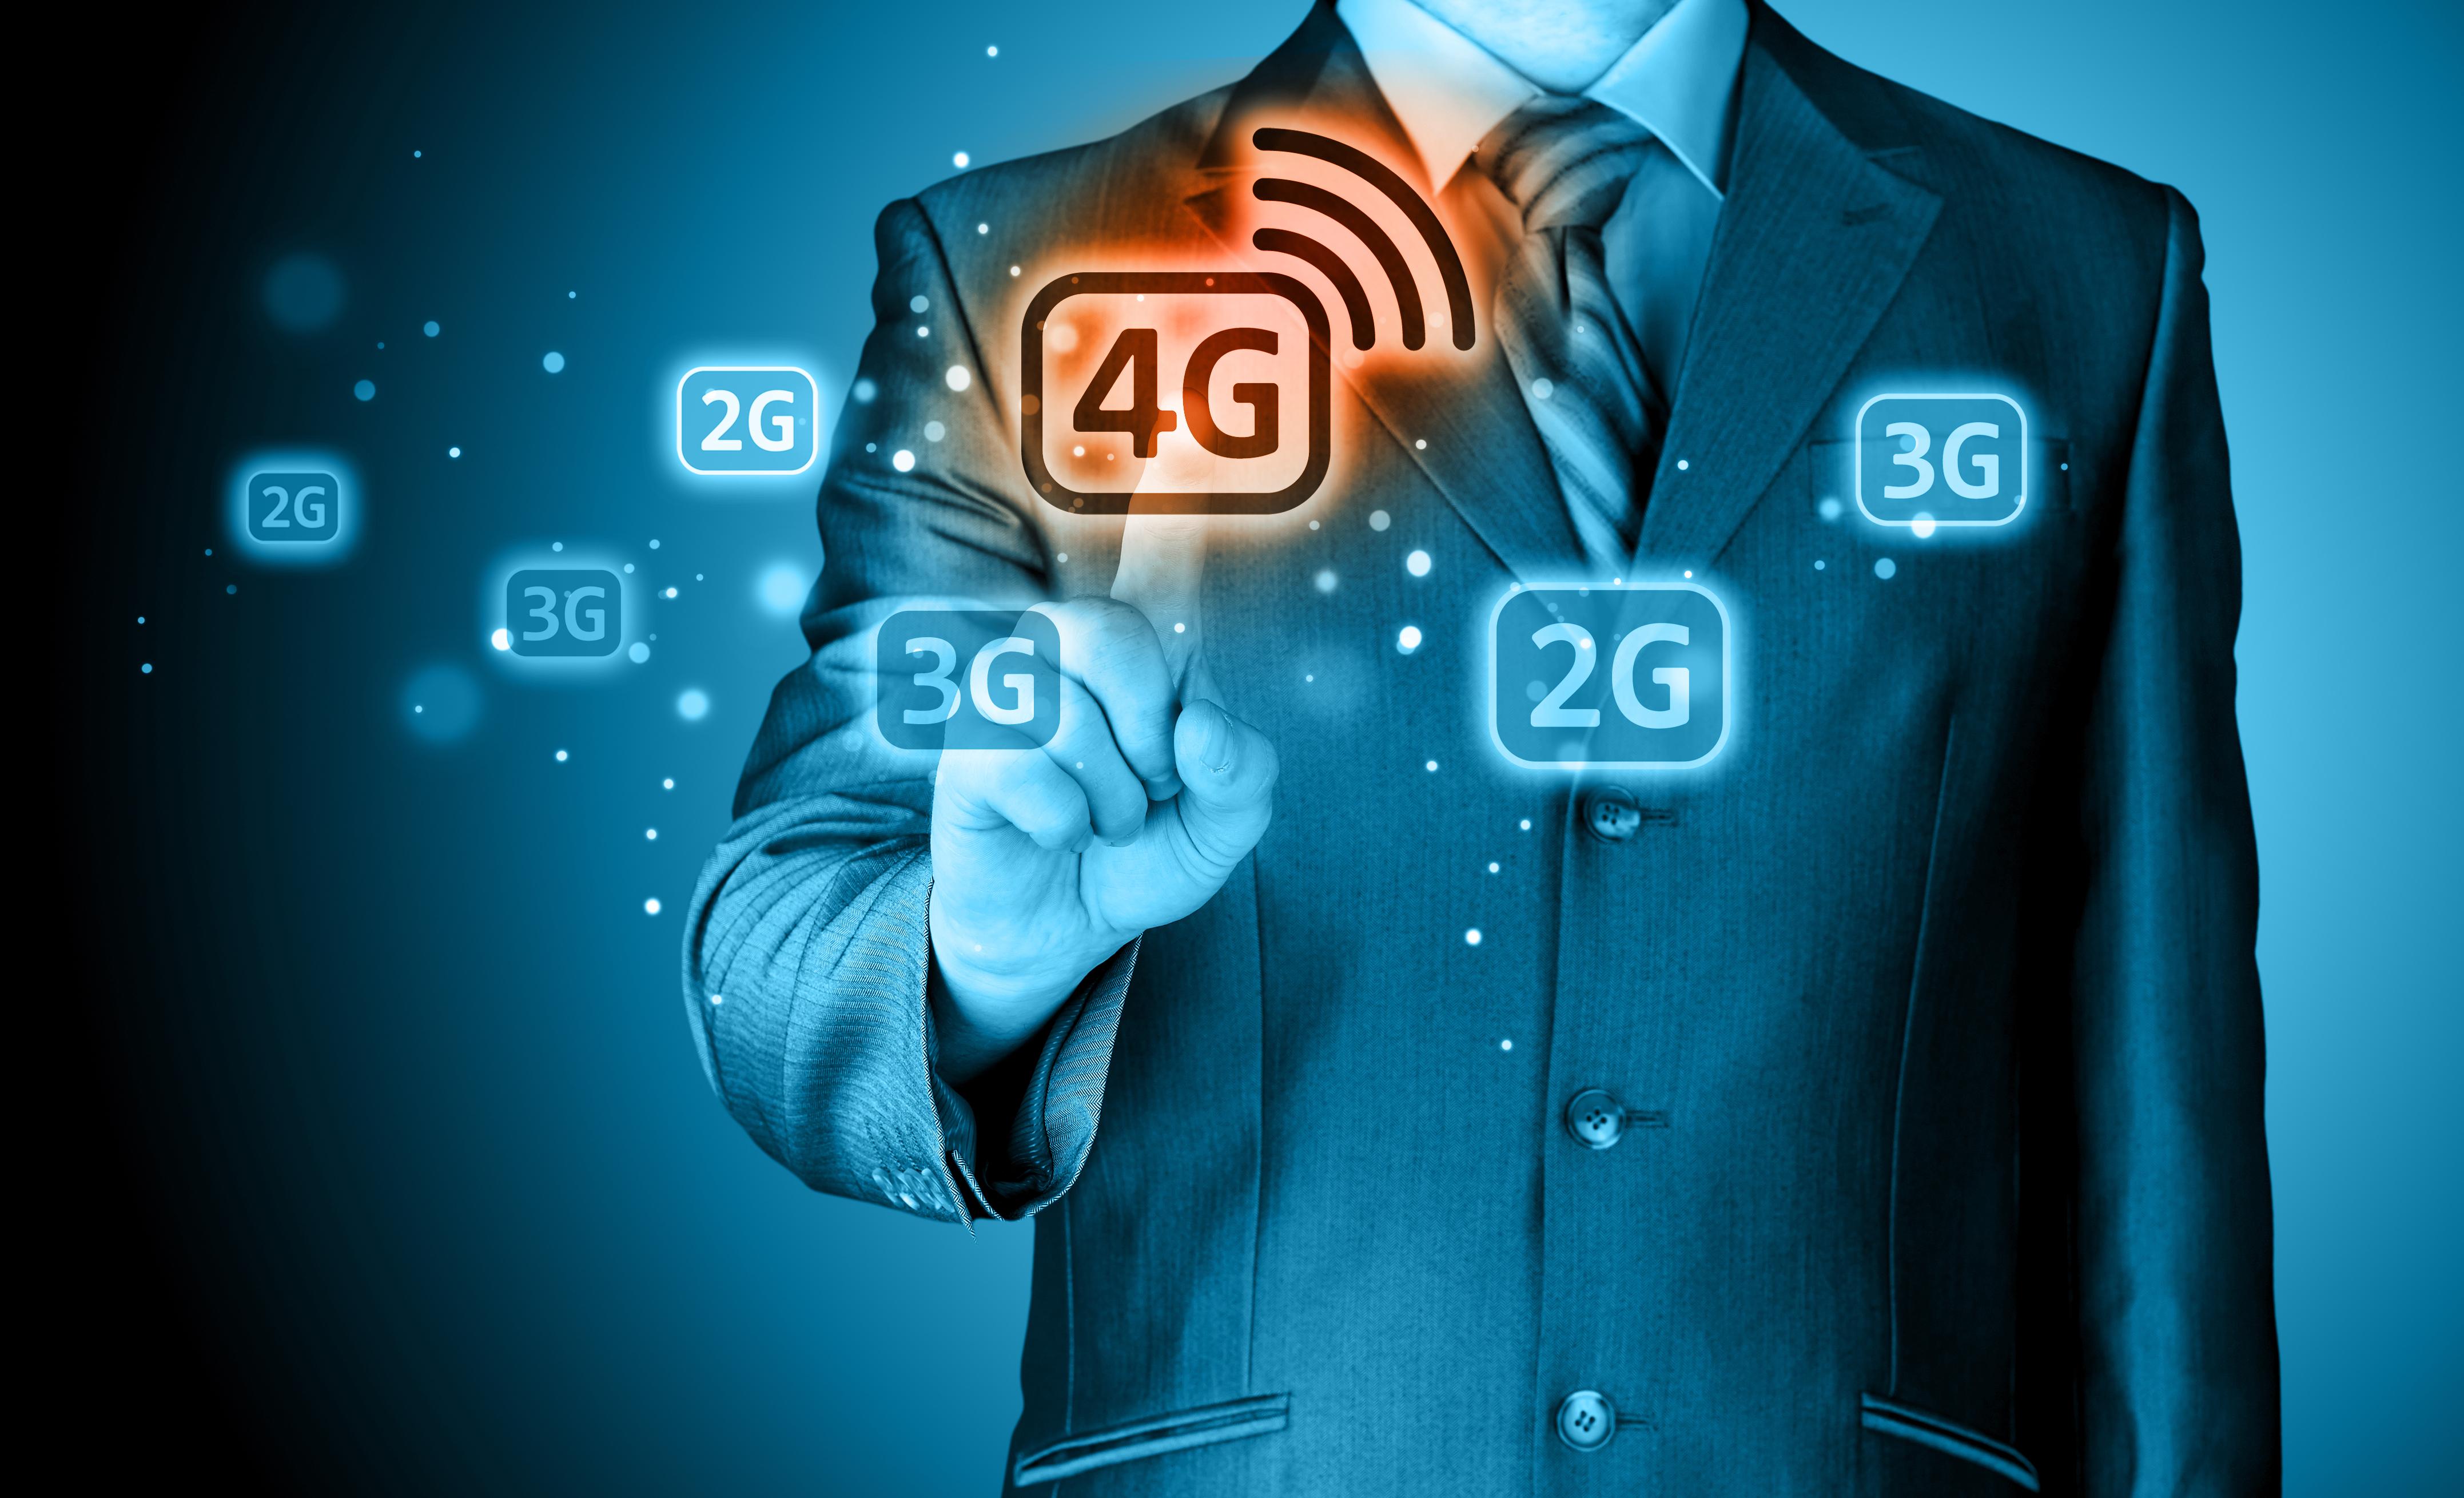 Уряд затвердив умови тендеру на продаж частот 4G